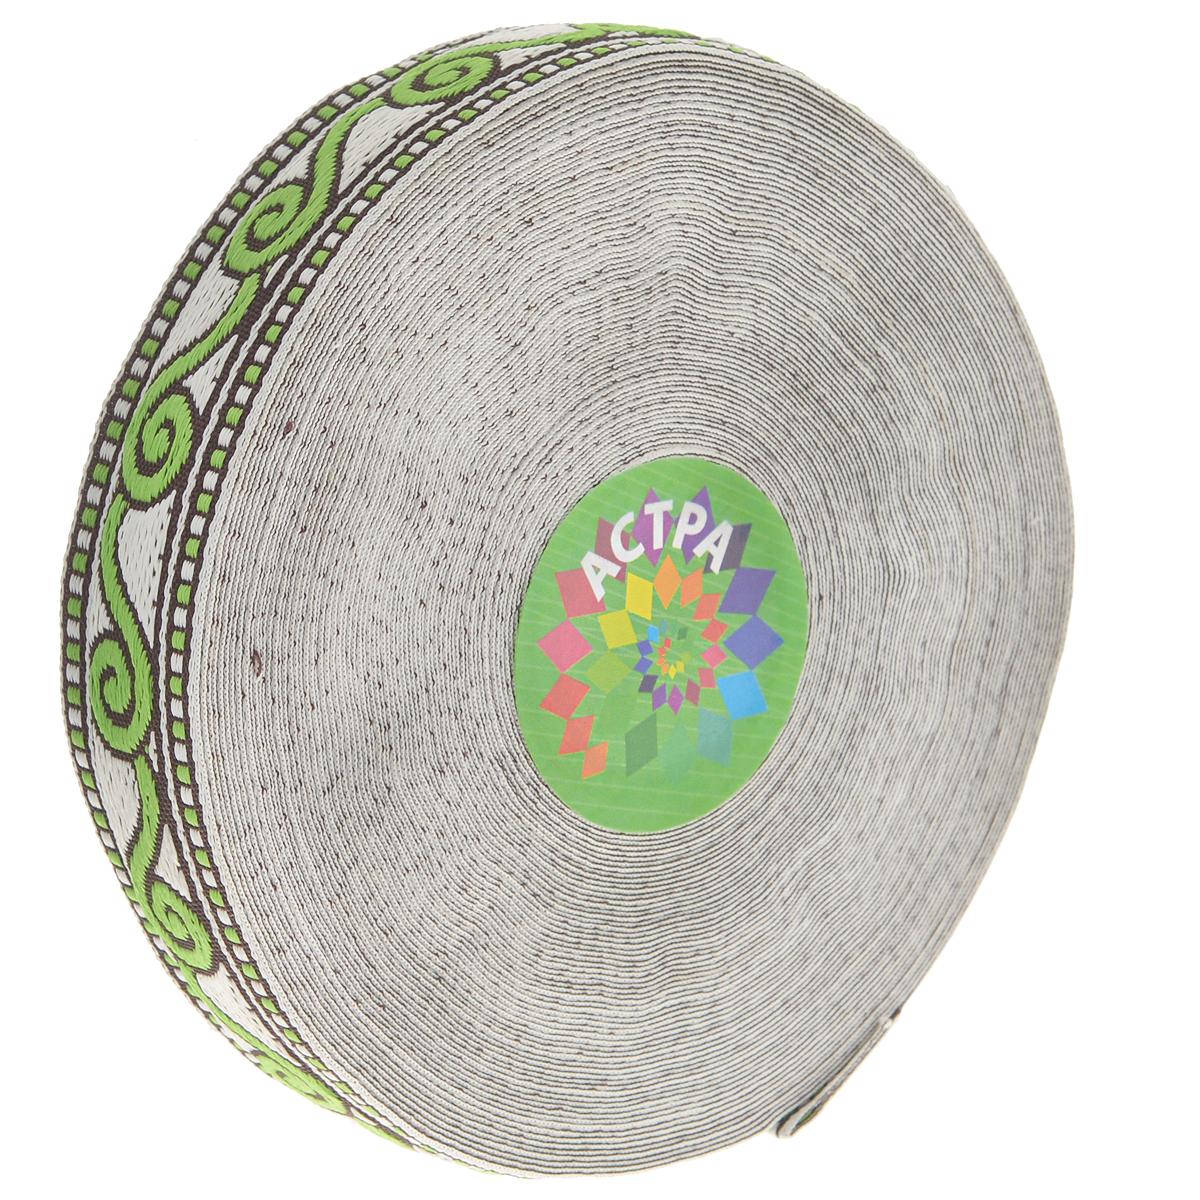 Тесьма декоративная Астра, цвет: зеленый (2), ширина 2 см, длина 16,4 м. 7703271695137_007Декоративная тесьма Астра выполнена из текстиля и оформлена оригинальным орнаментом. Такая тесьма идеально подойдет для оформления различных творческих работ таких, как скрапбукинг, аппликация, декор коробок и открыток и многое другое. Тесьма наивысшего качества и практична в использовании. Она станет незаменимом элементов в создании рукотворного шедевра. Ширина: 2 см.Длина: 16,4 м.